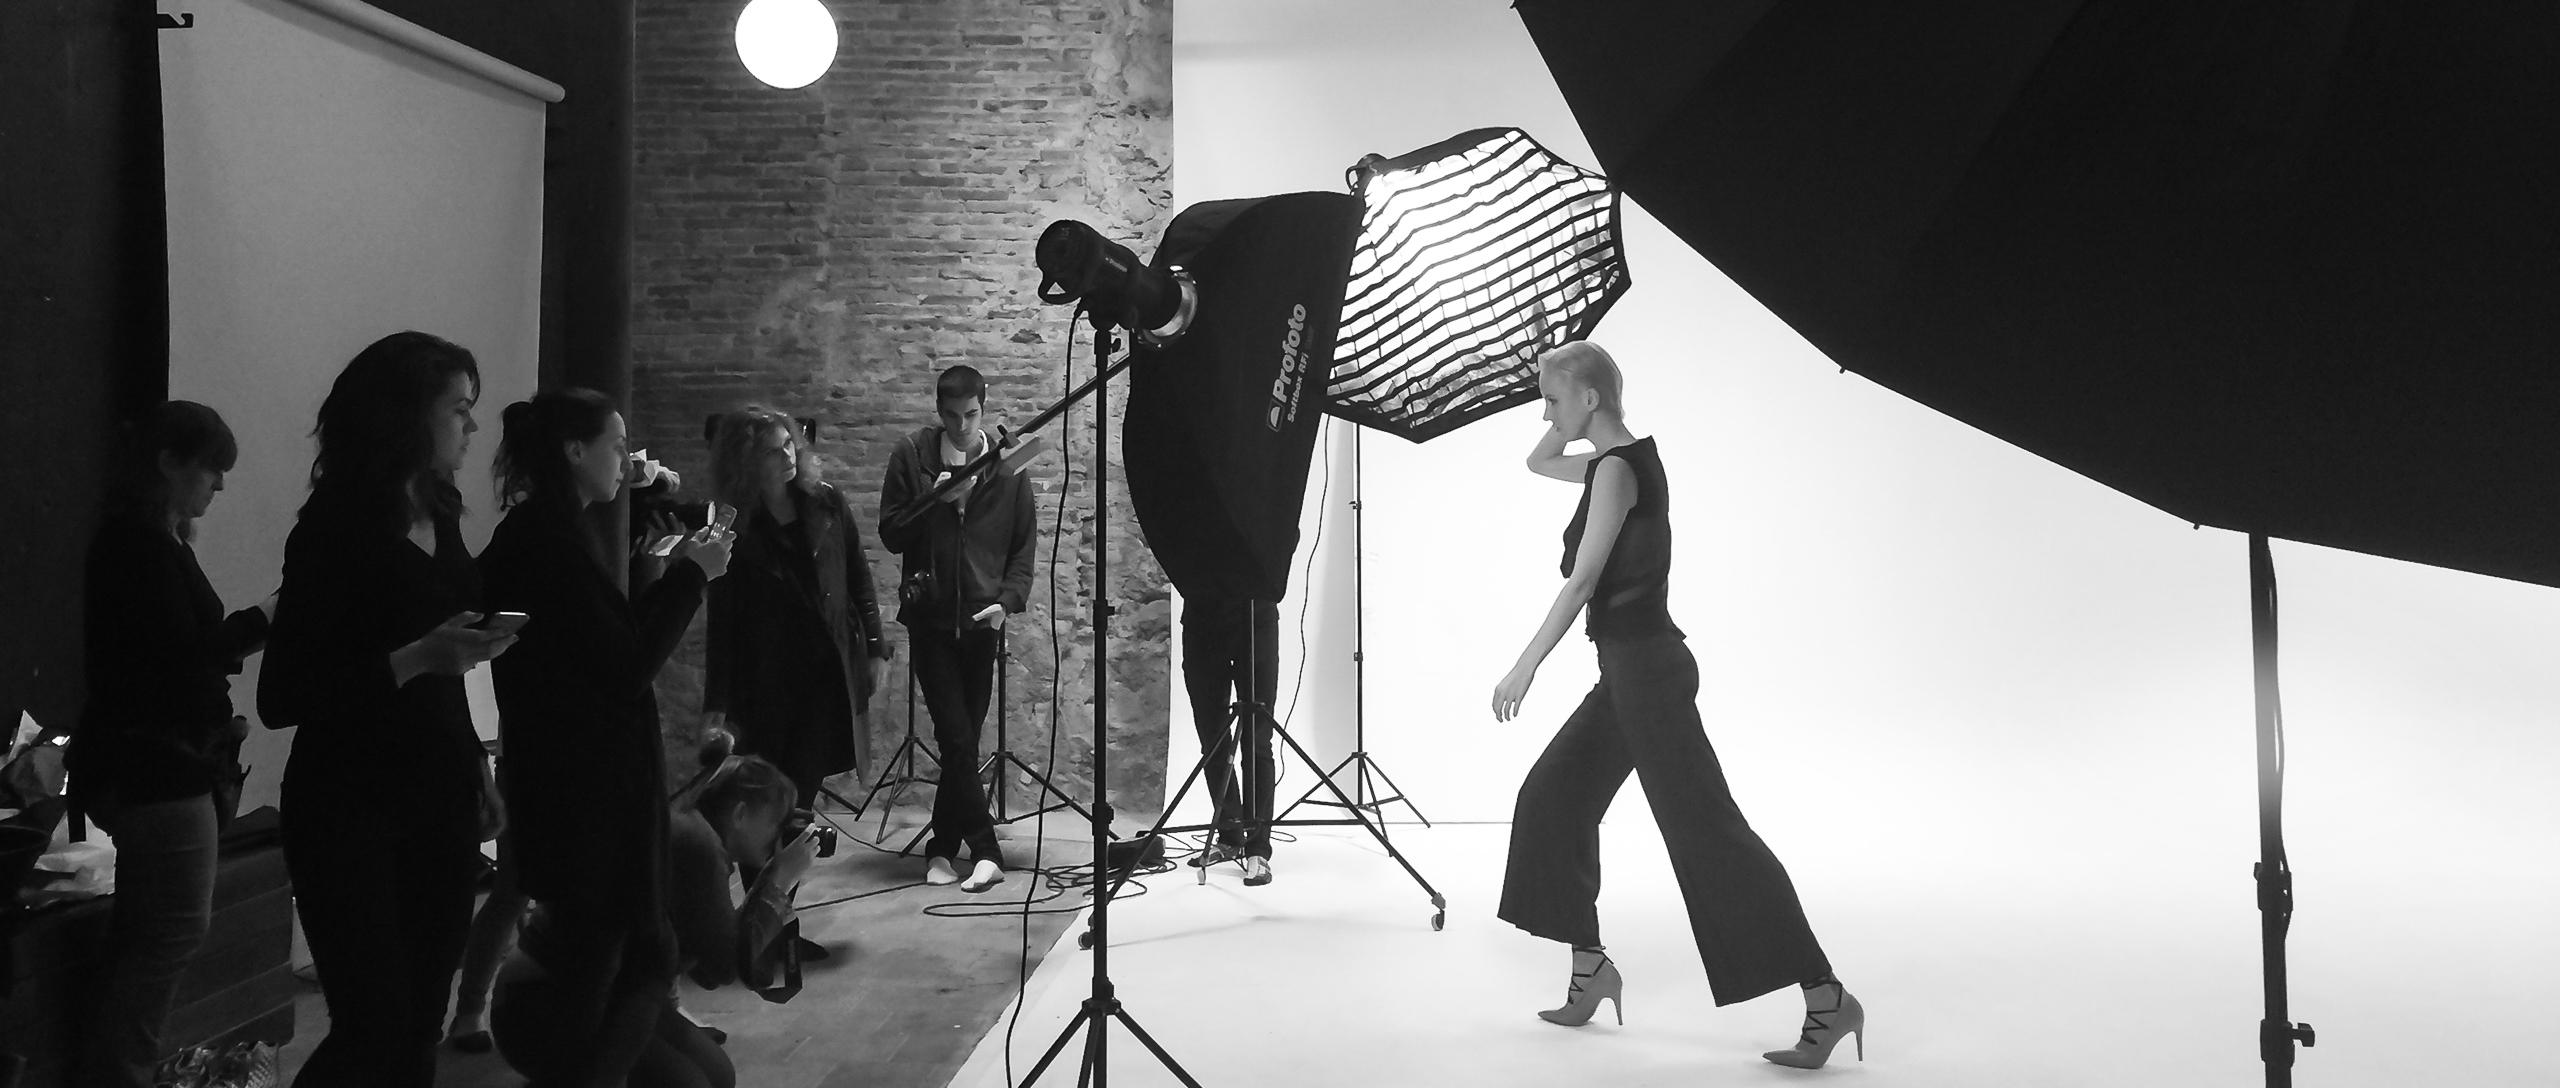 Sesion de fotos en Barcelona Photographer Studio